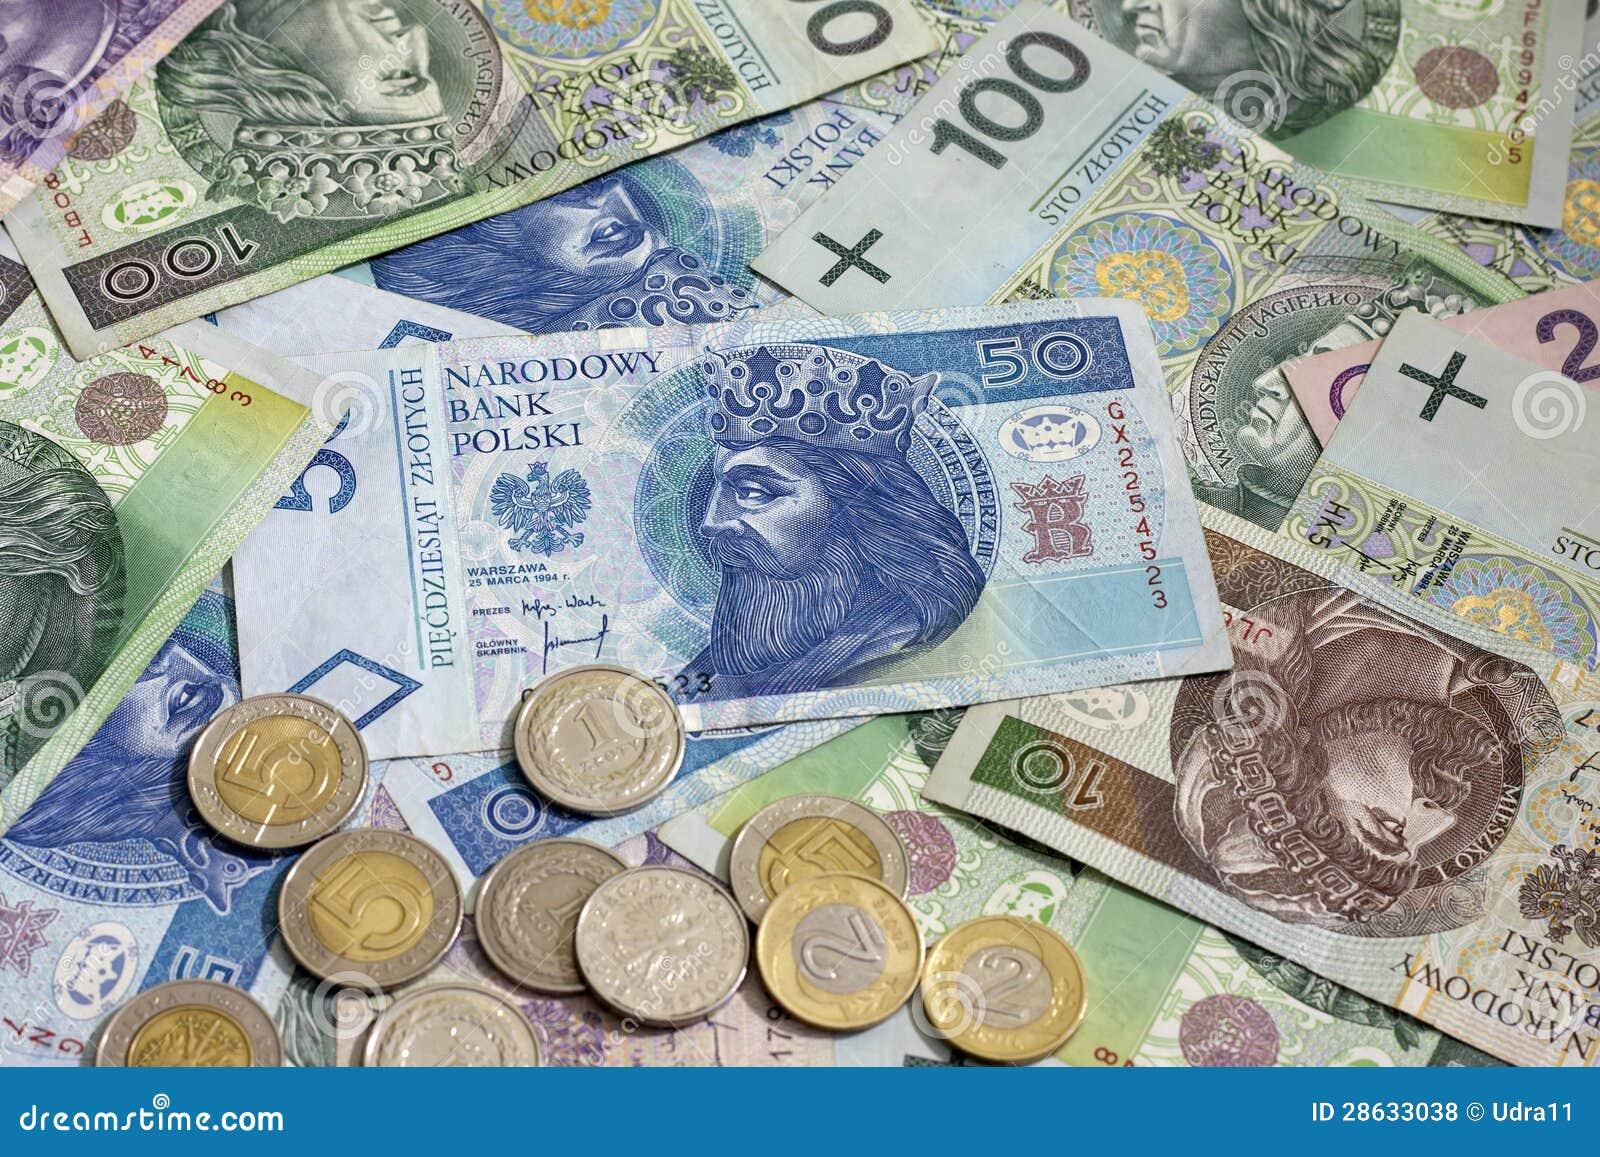 Polnische Geldmünzen Und Banknoten Stockfoto Bild Von Polen